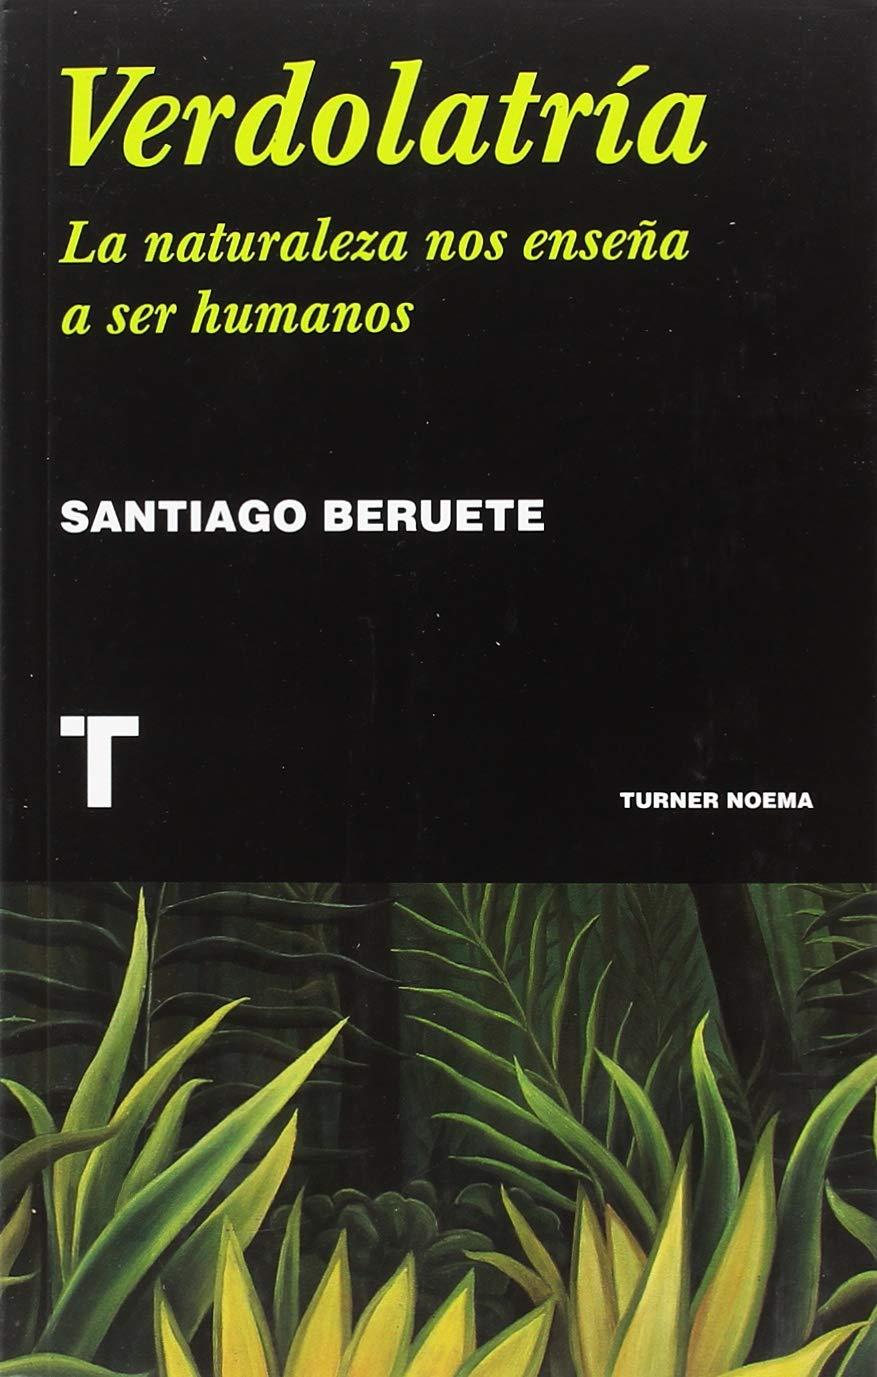 Verdolatría, de Santiago Beruete